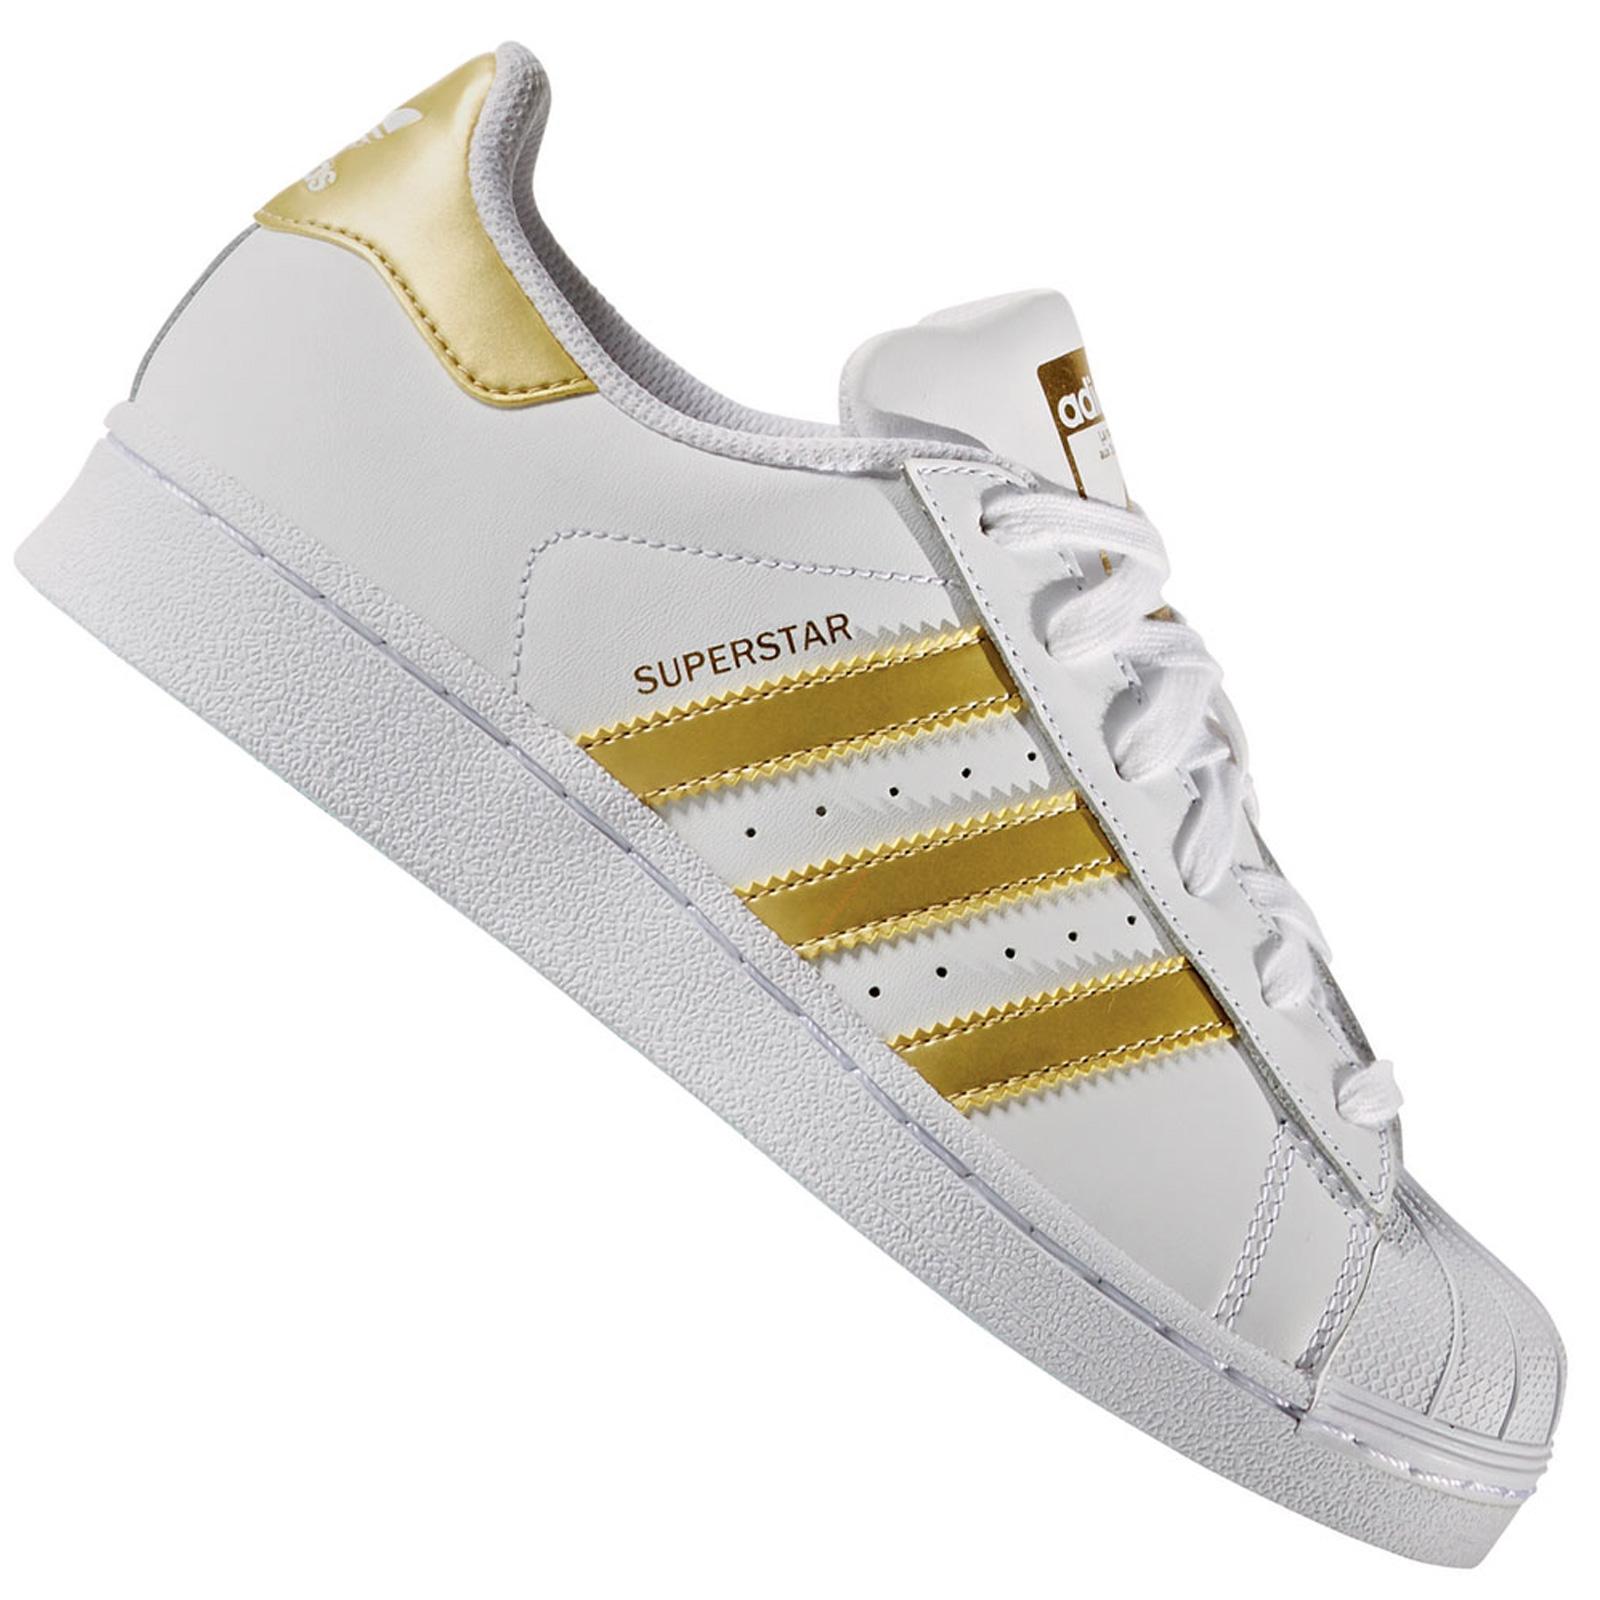 factory authentic 18a6c 90d77 adidas Originals Superstar Damen Vintage Sneaker Turnschuhe BB2870 Weiß Gold